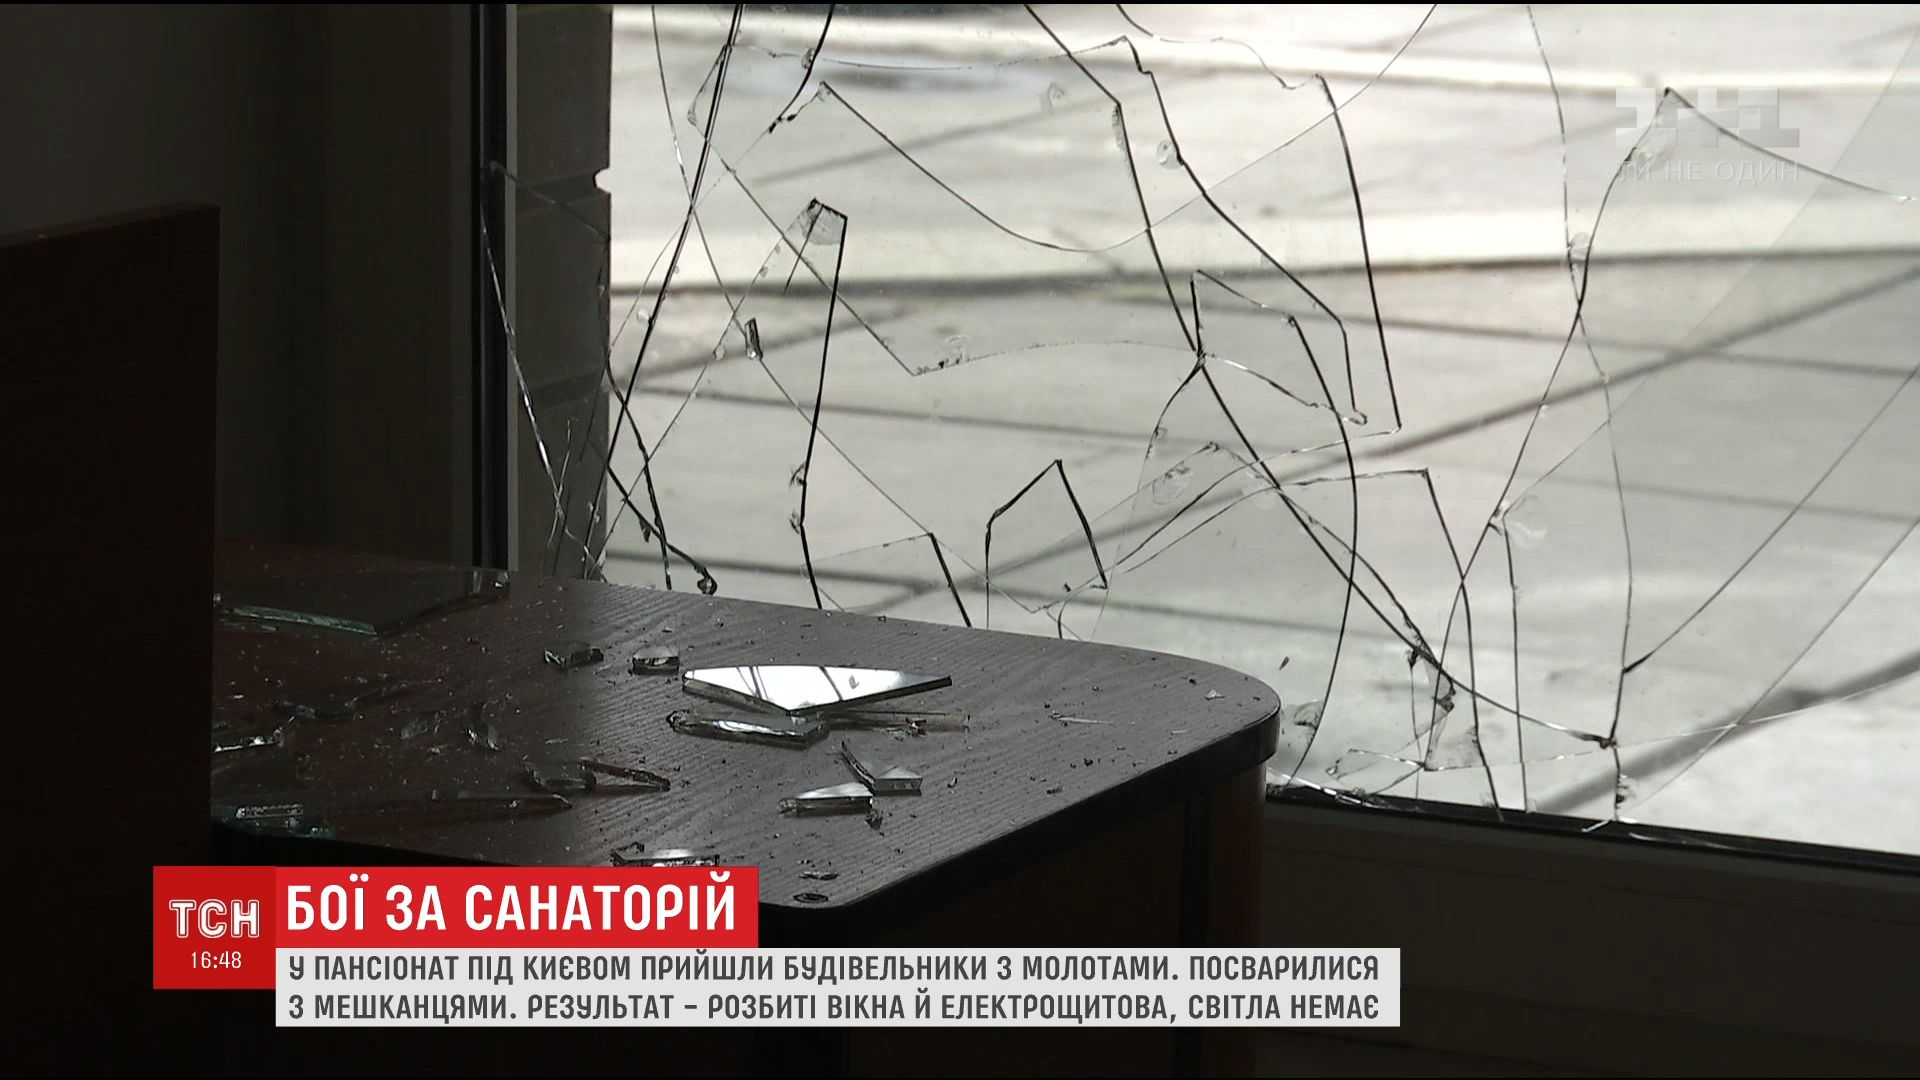 Неизвестные кувалдами разбили окна в санатории под Киевом, где живут переселенцы /